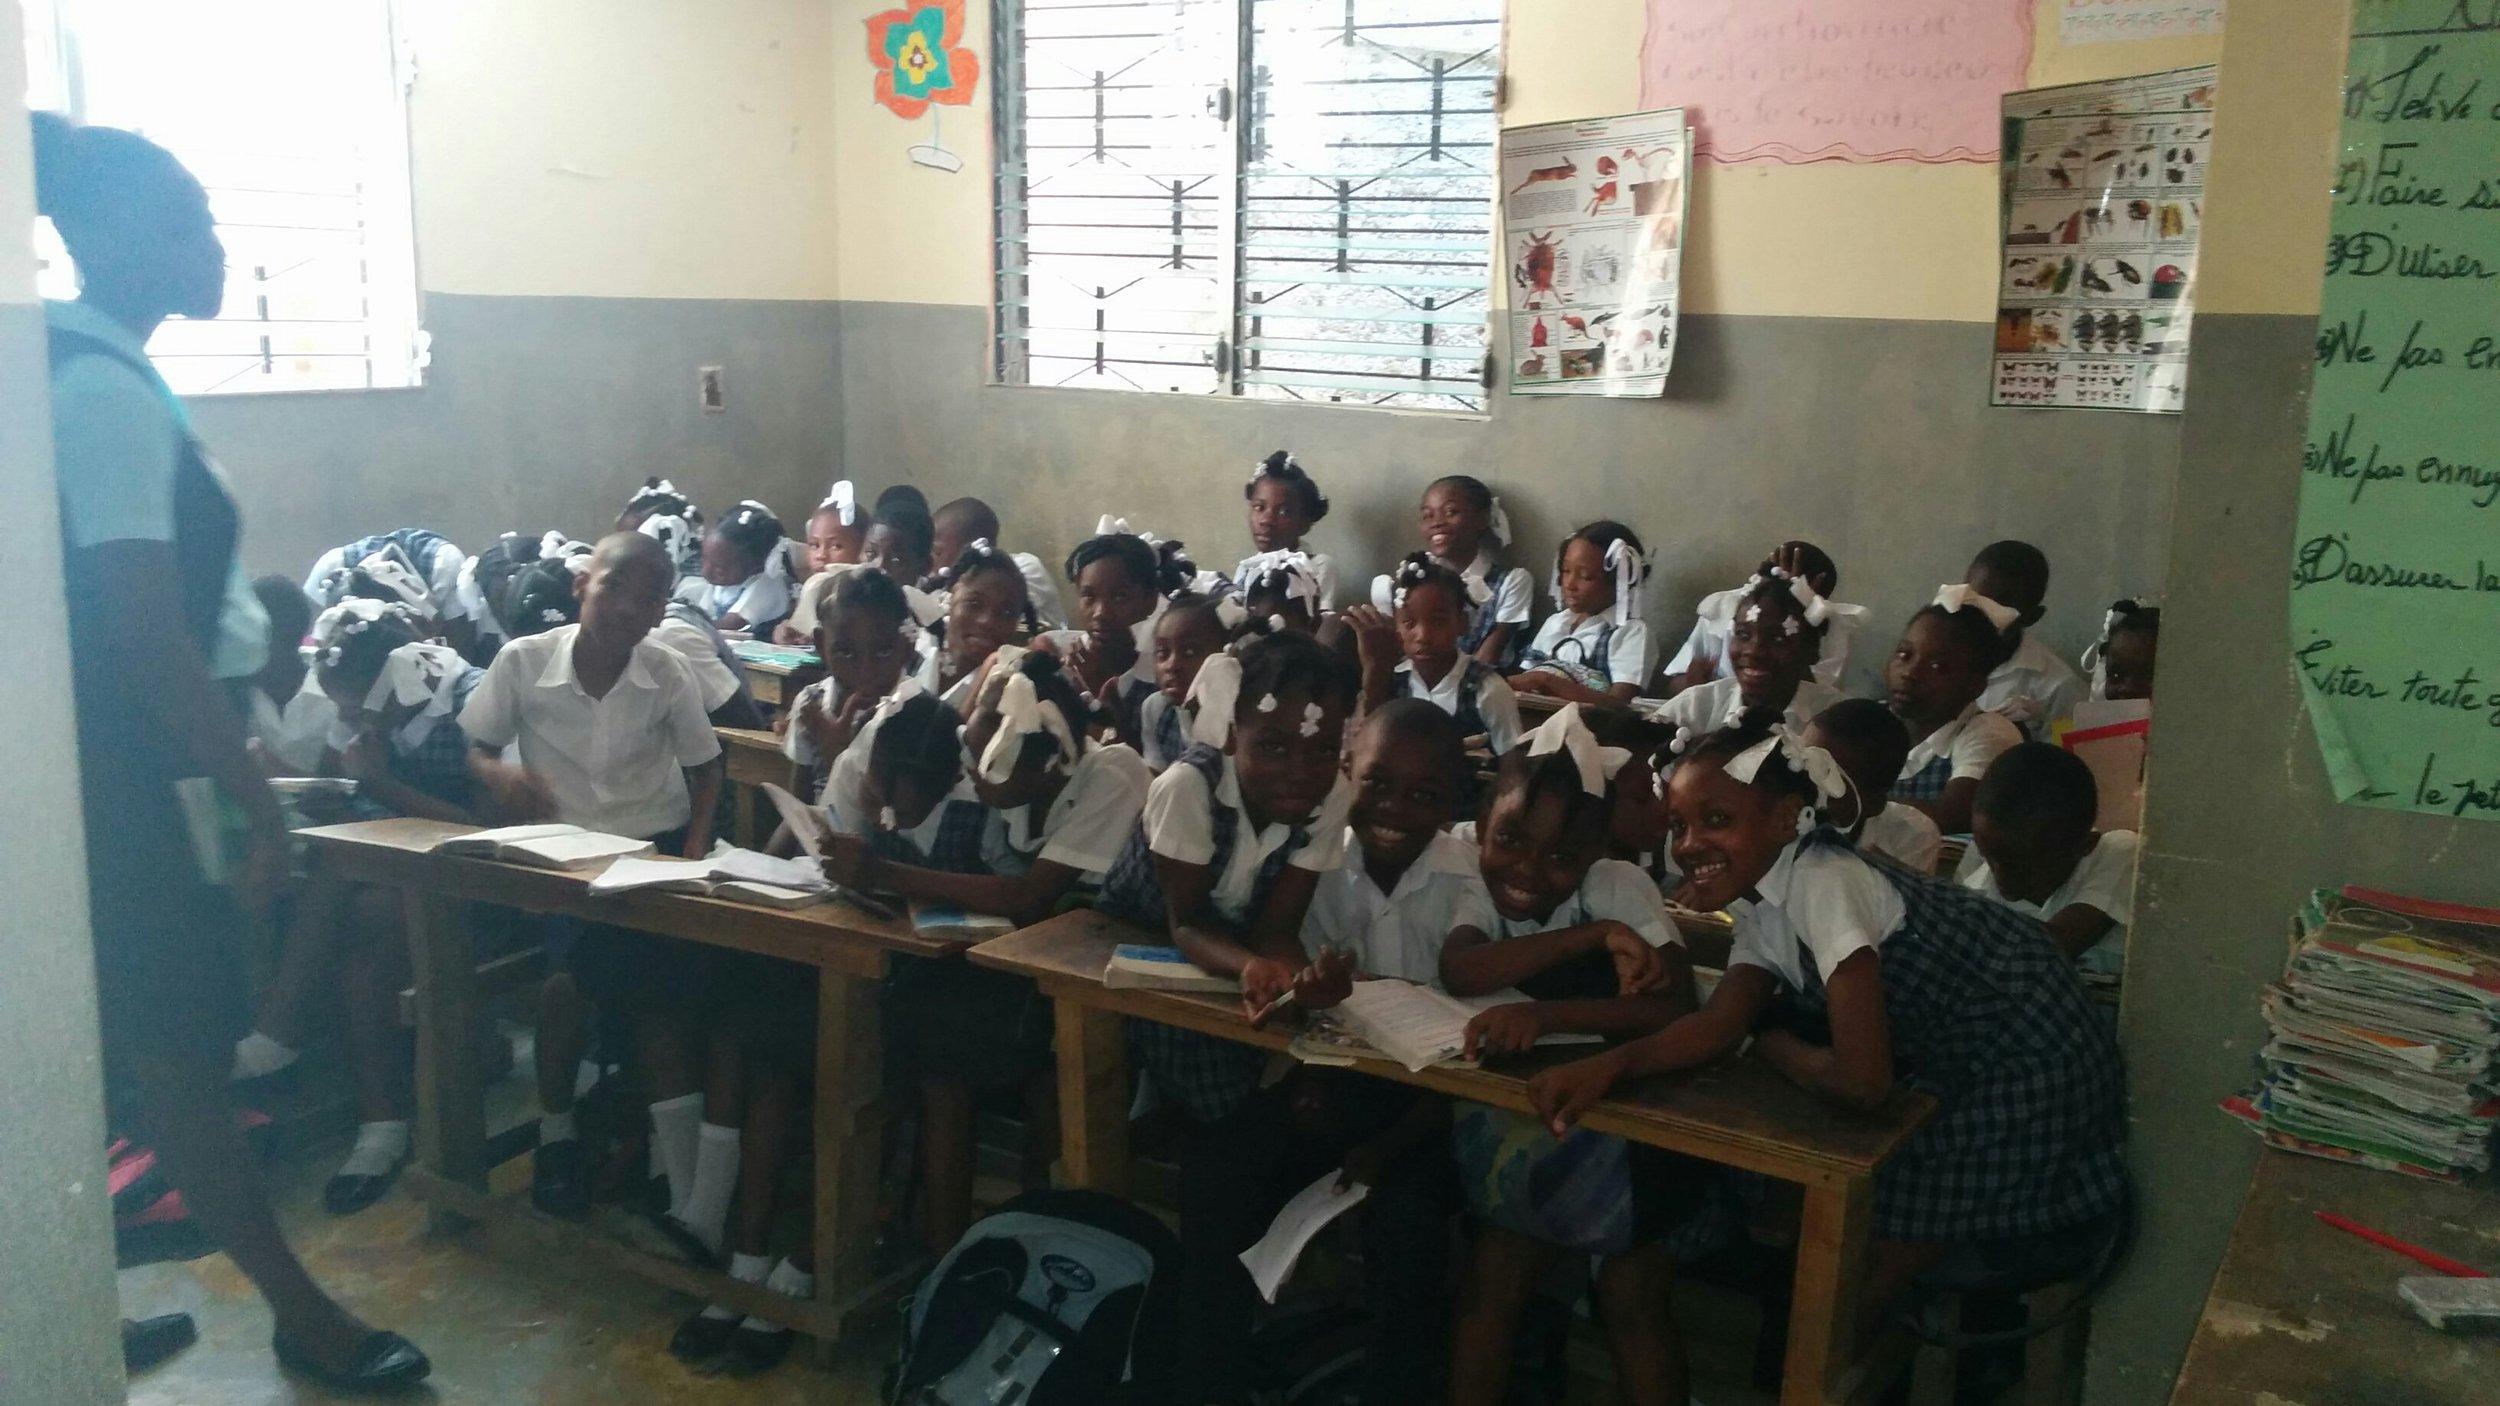 Haitain students at sopudep